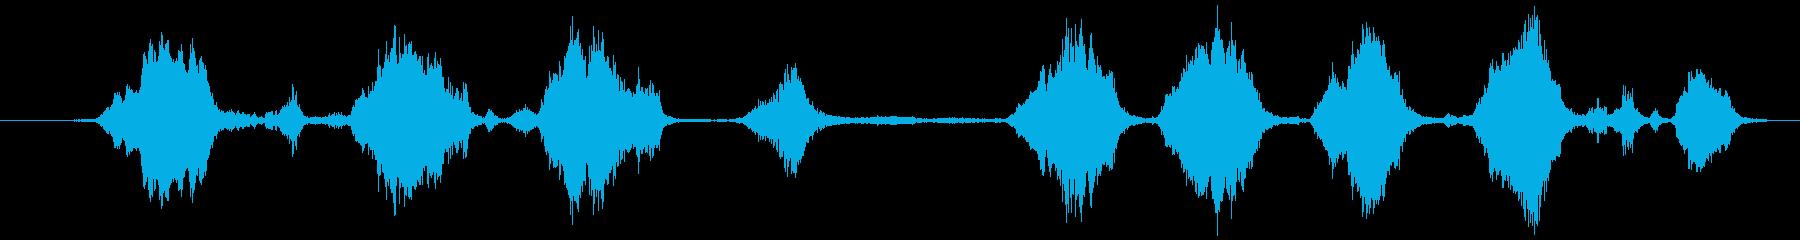 オカメインコの小グループ:絶え間な...の再生済みの波形